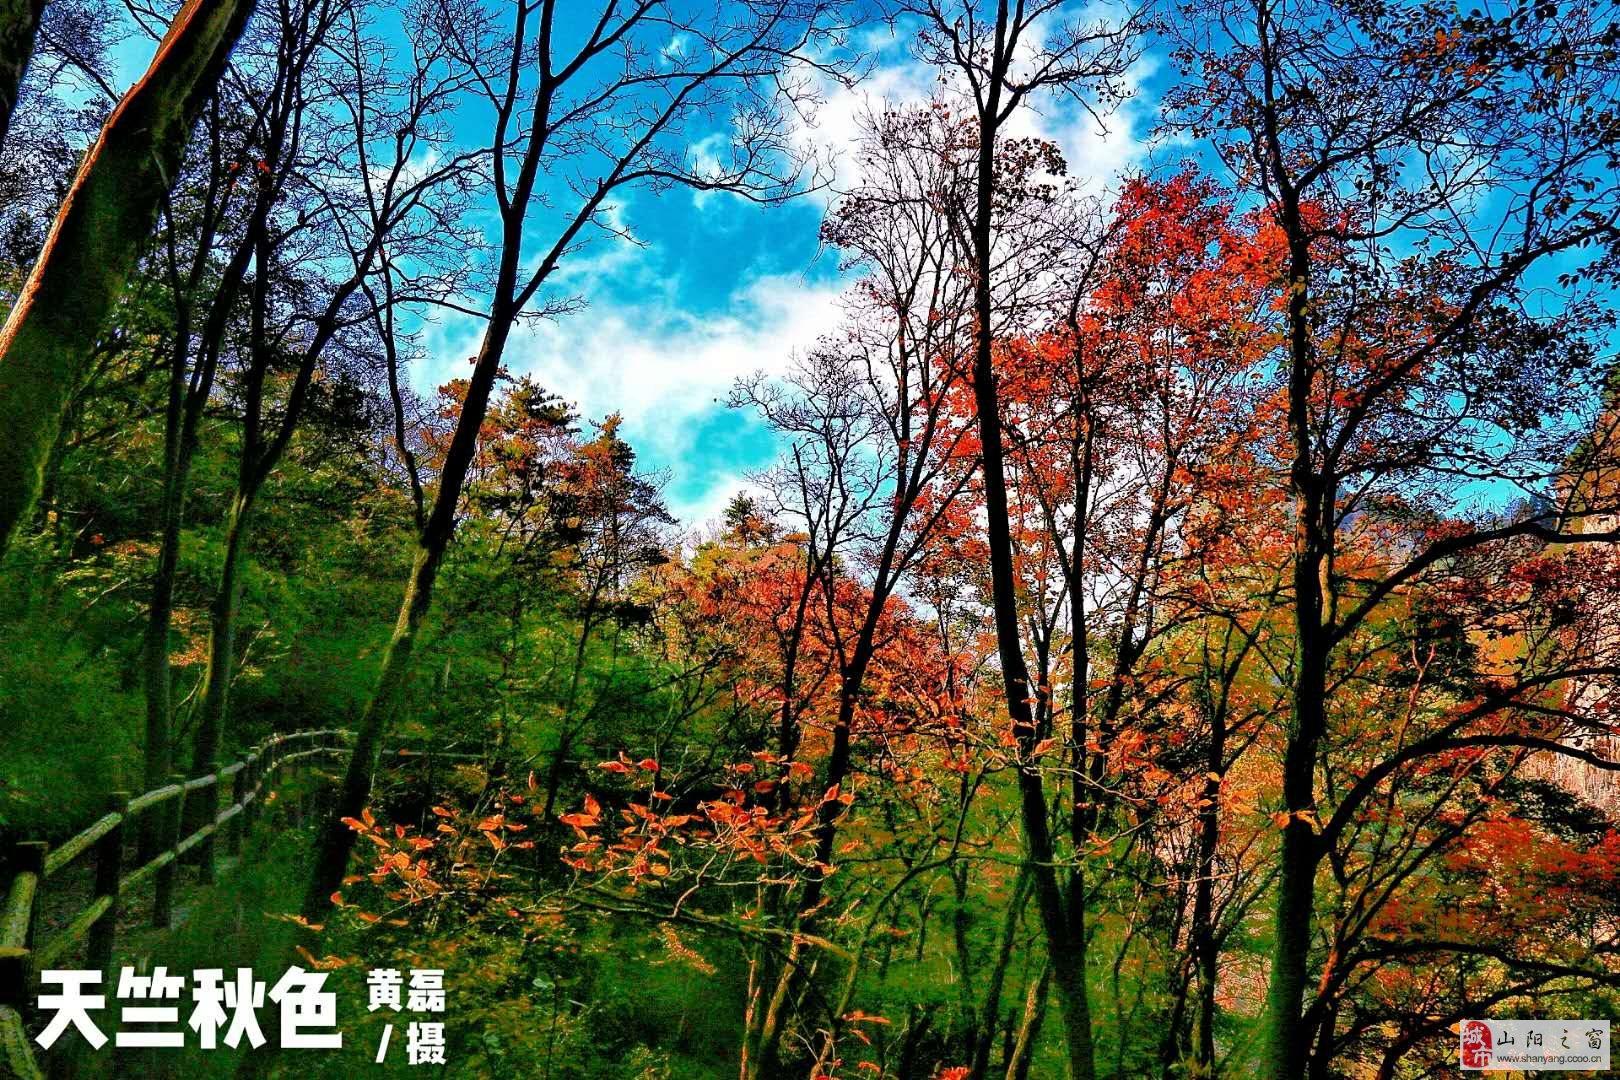 【组图】天竺山秋韵  没有比这更美的了!